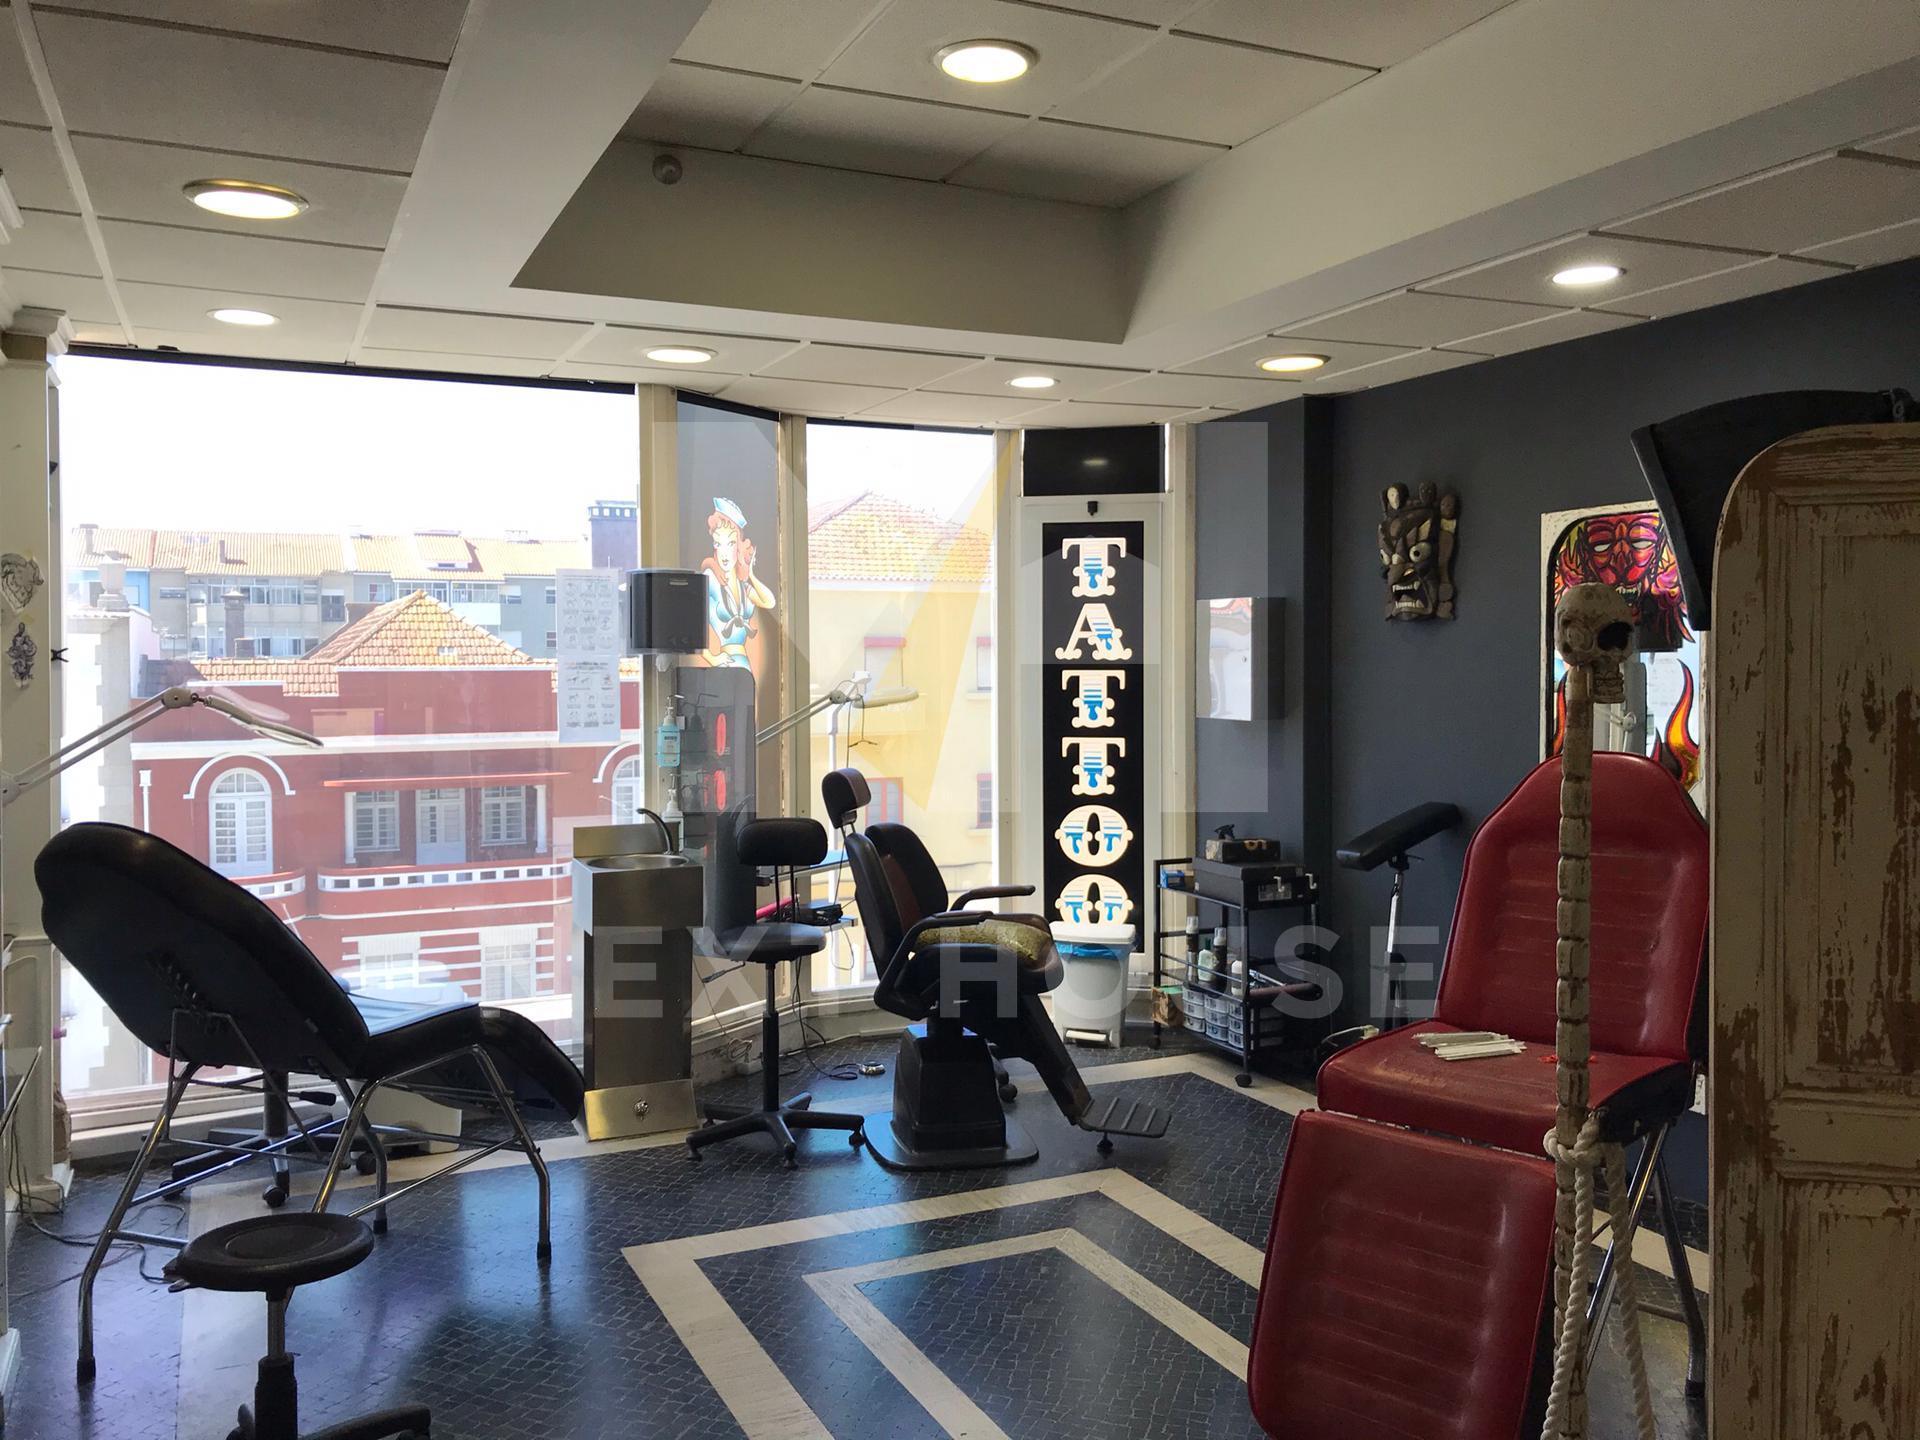 Trespasse Estúdio Tatuagem Aveiro  - Aveiro, UDF De Glória E Vera Cruz